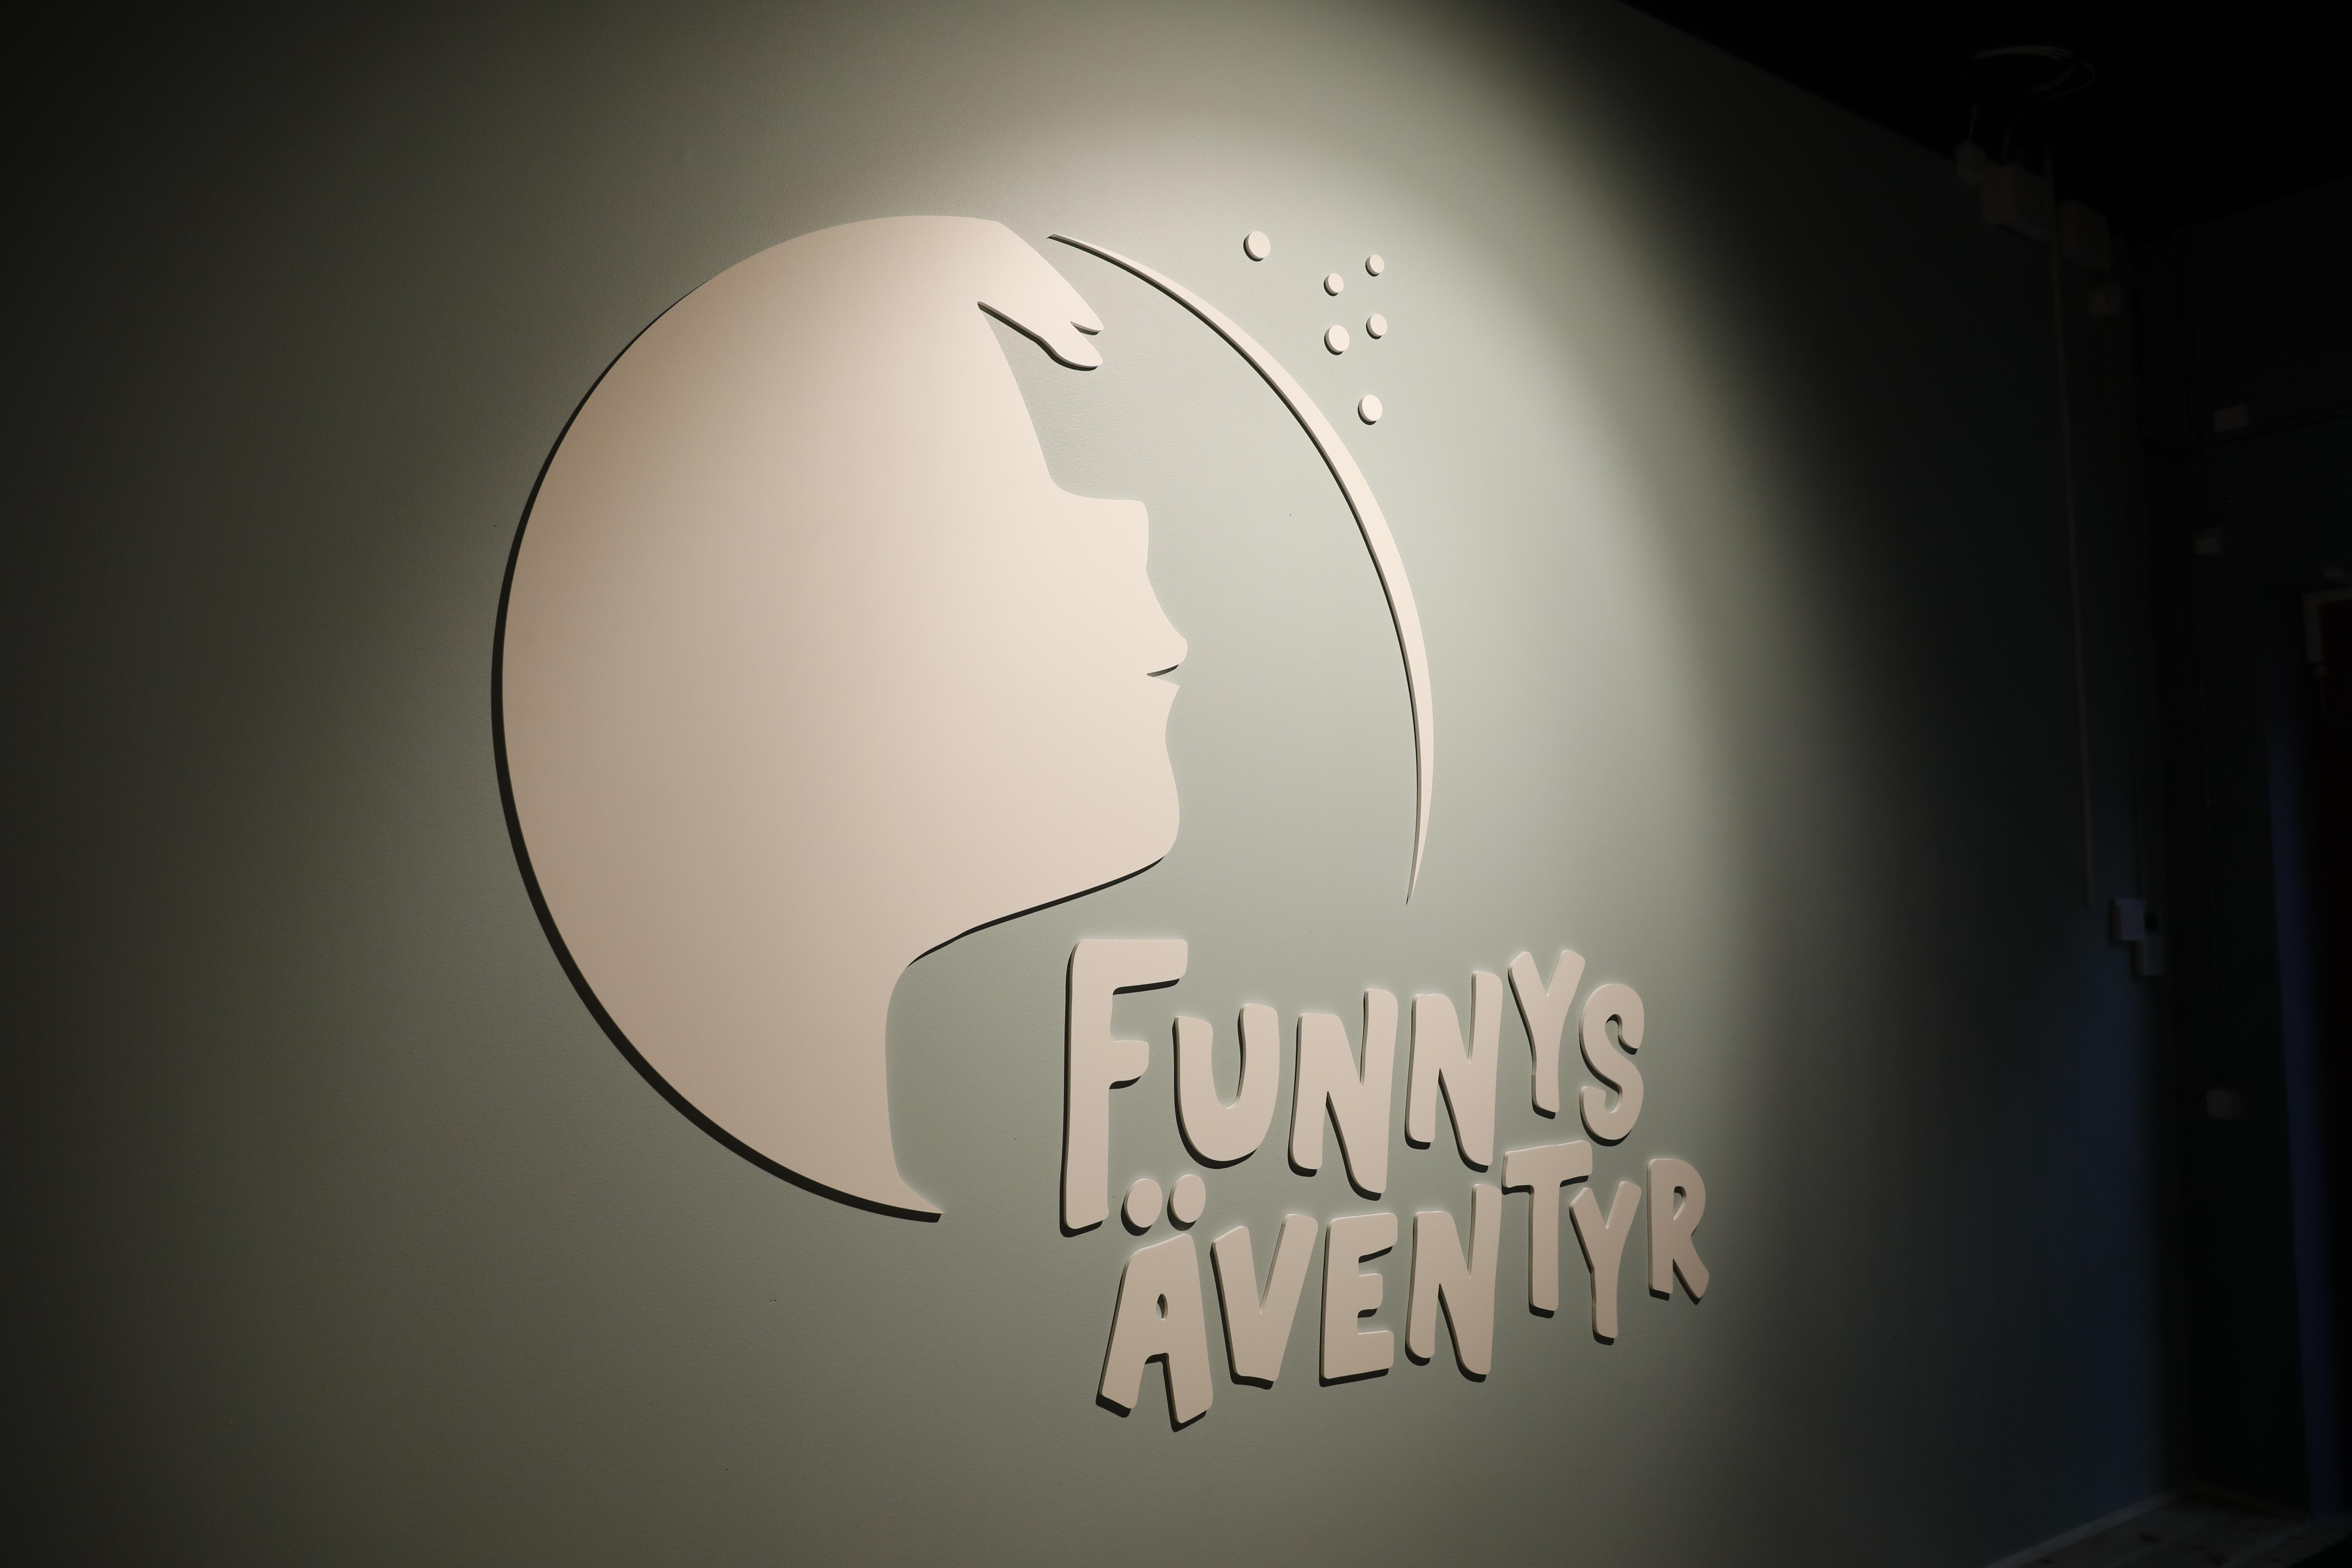 Logotyp med djup funnys äventyr